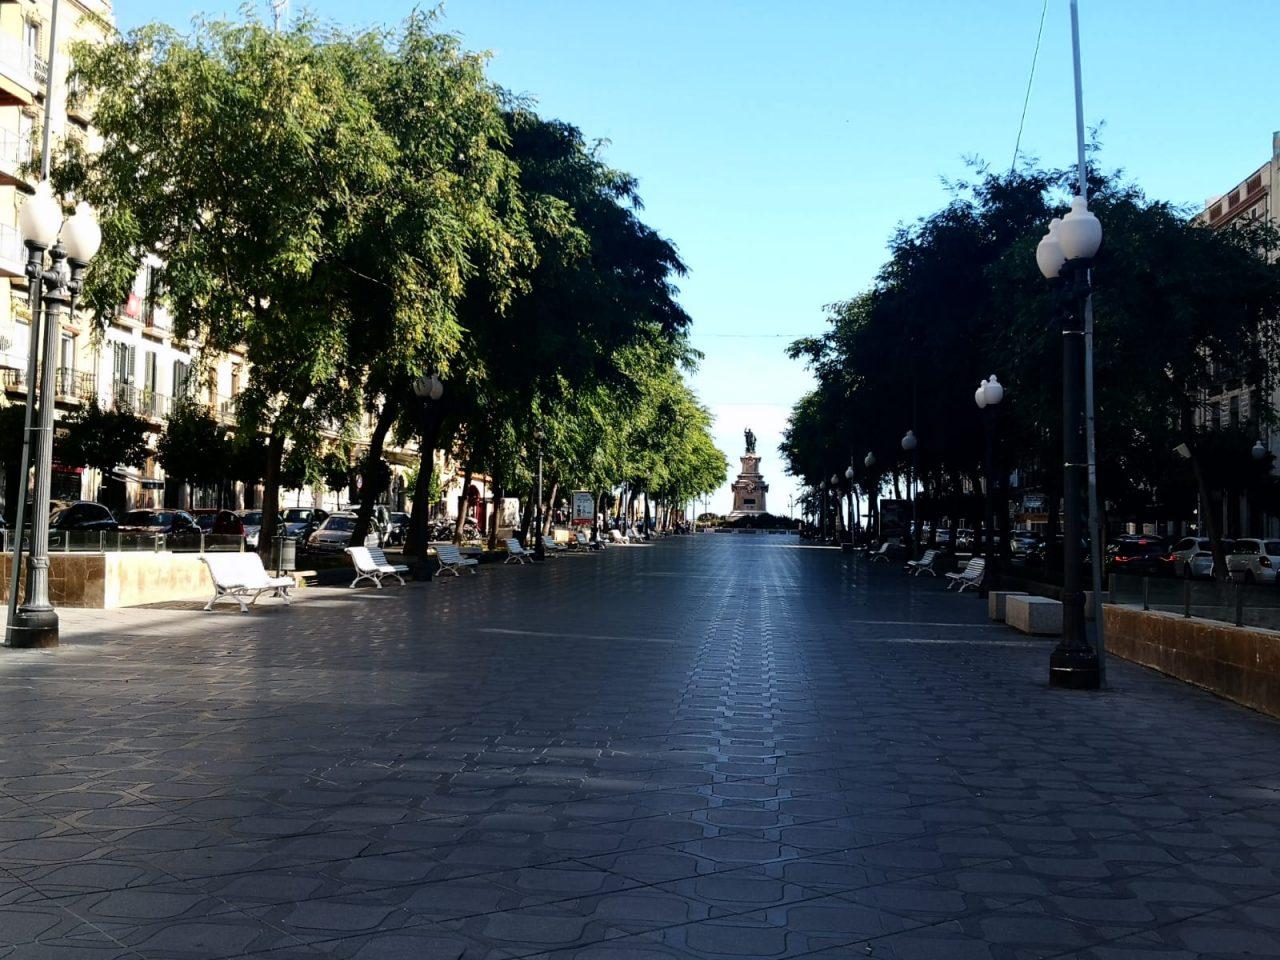 tarragona_buida-1280x960.jpg